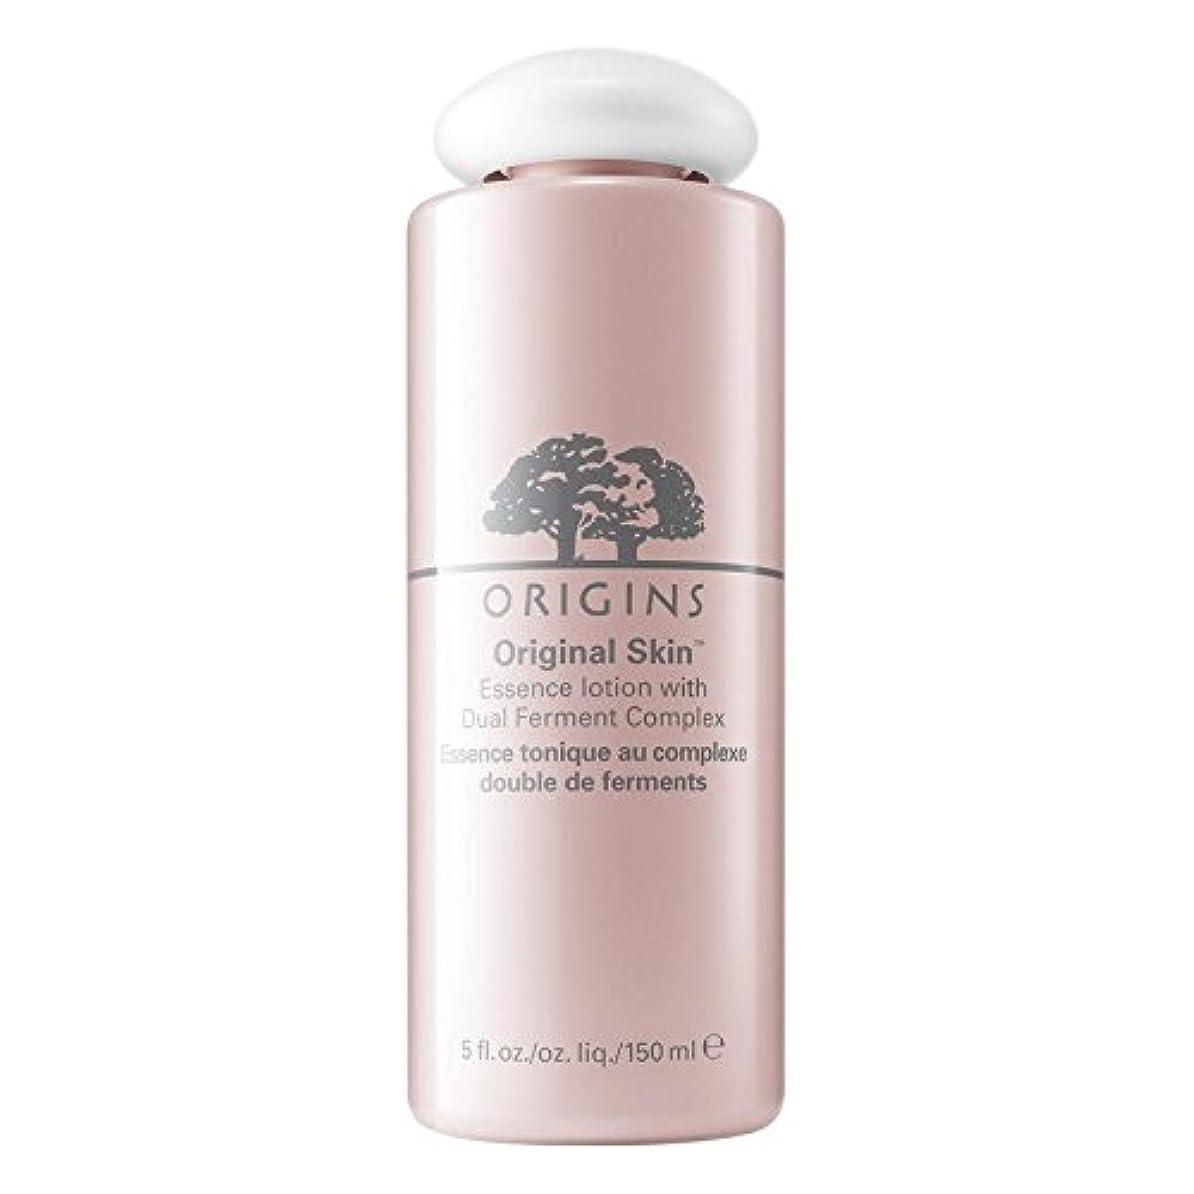 吸収する熱焦げOrigins Original Skin Essence Lotion 150ml (Pack of 6) - 起源オリジナルスキンエッセンスローション150 x6 [並行輸入品]